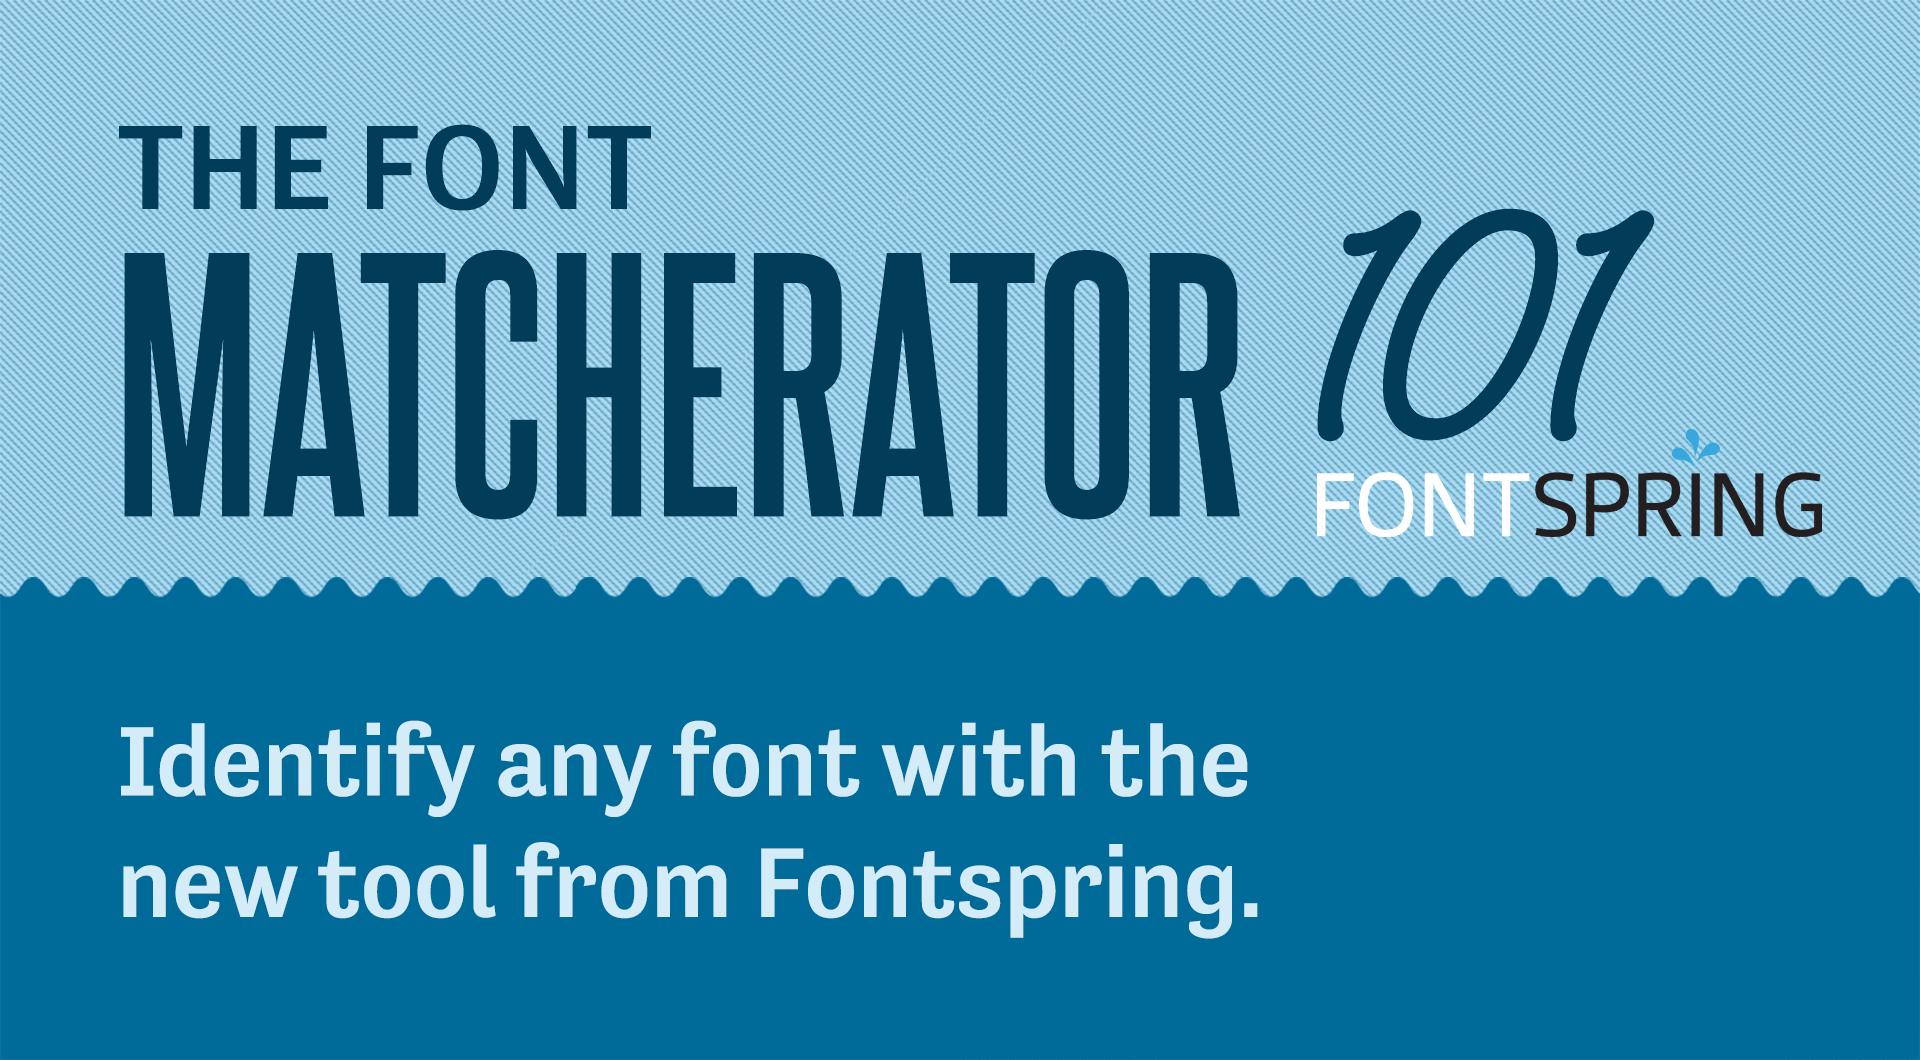 Font Matcherator, la herramienta que identifica tipografías